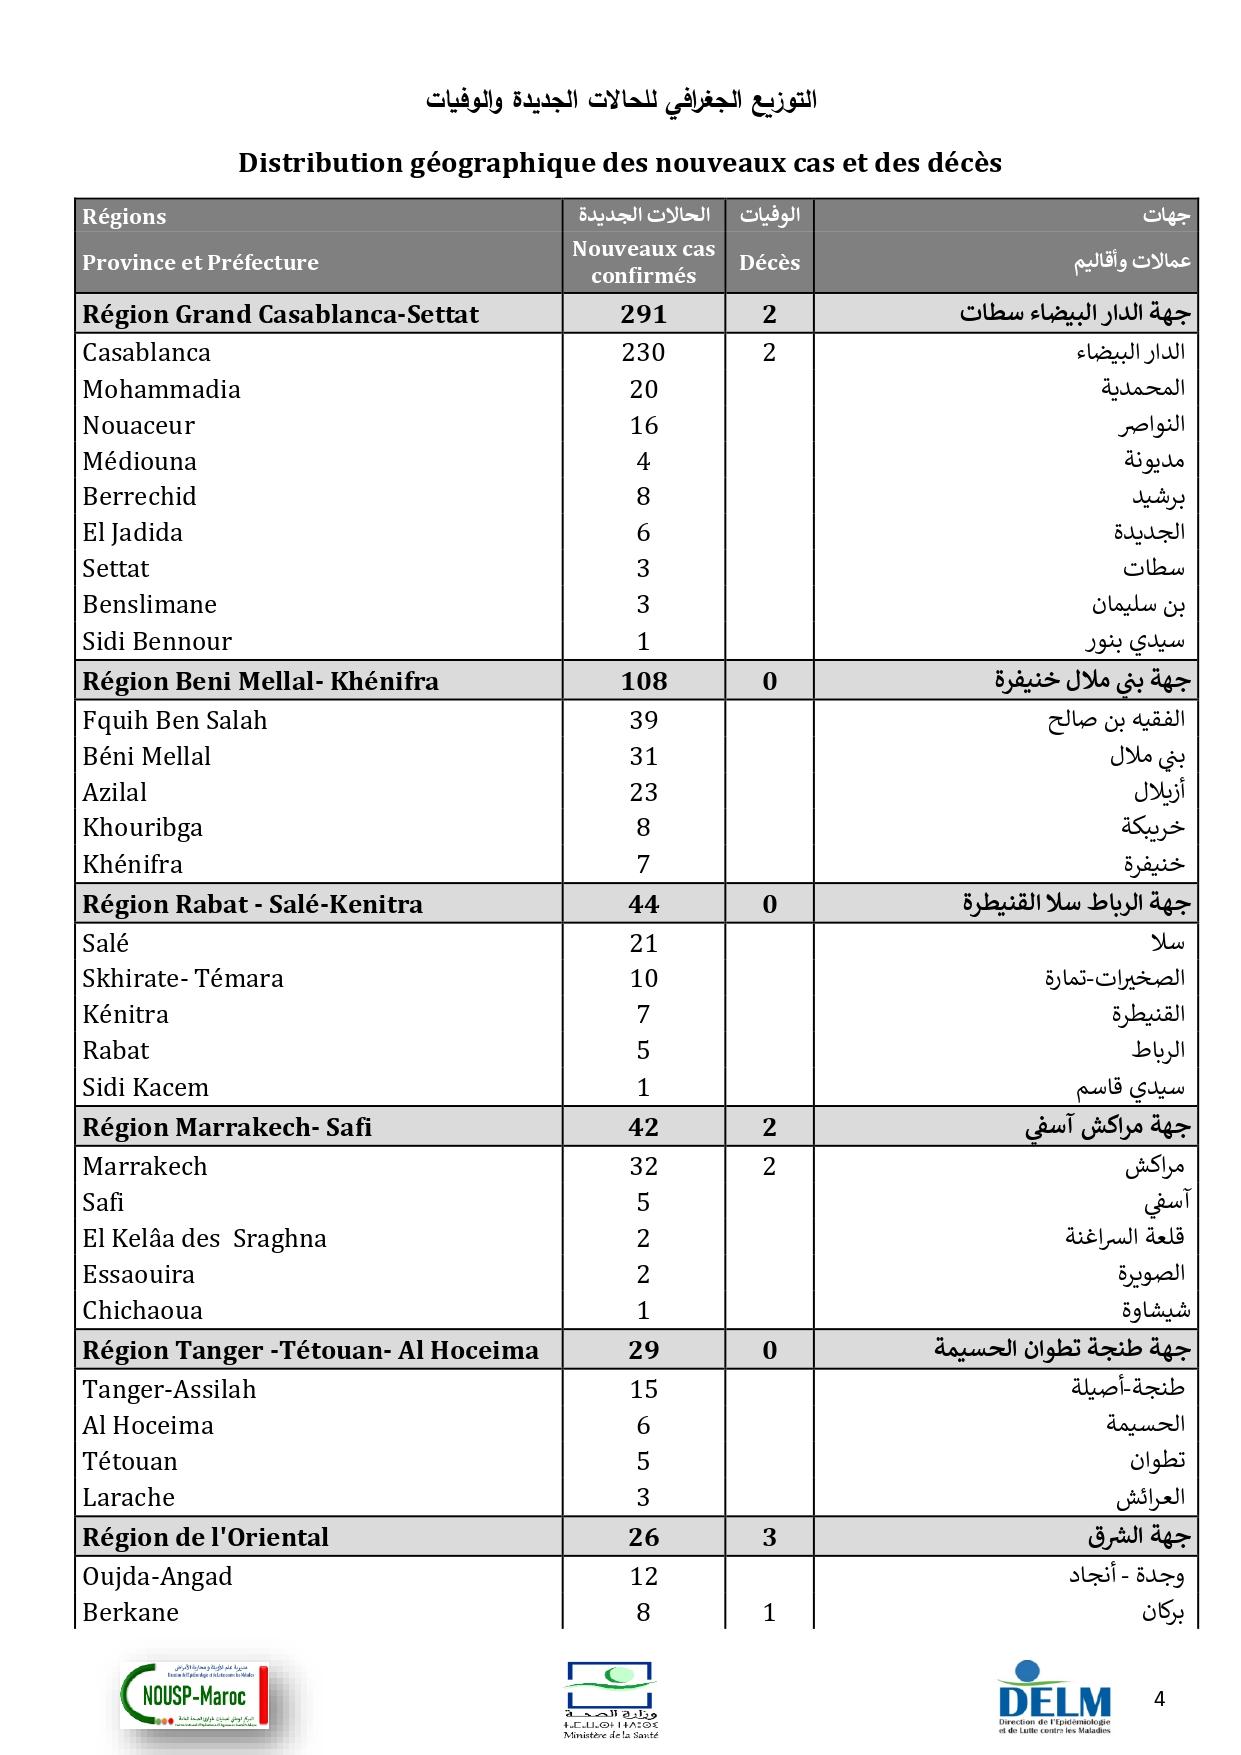 Compteur coronavirus : 594 cas testés positifs et plus de 3,7 millions de personnes vaccinées